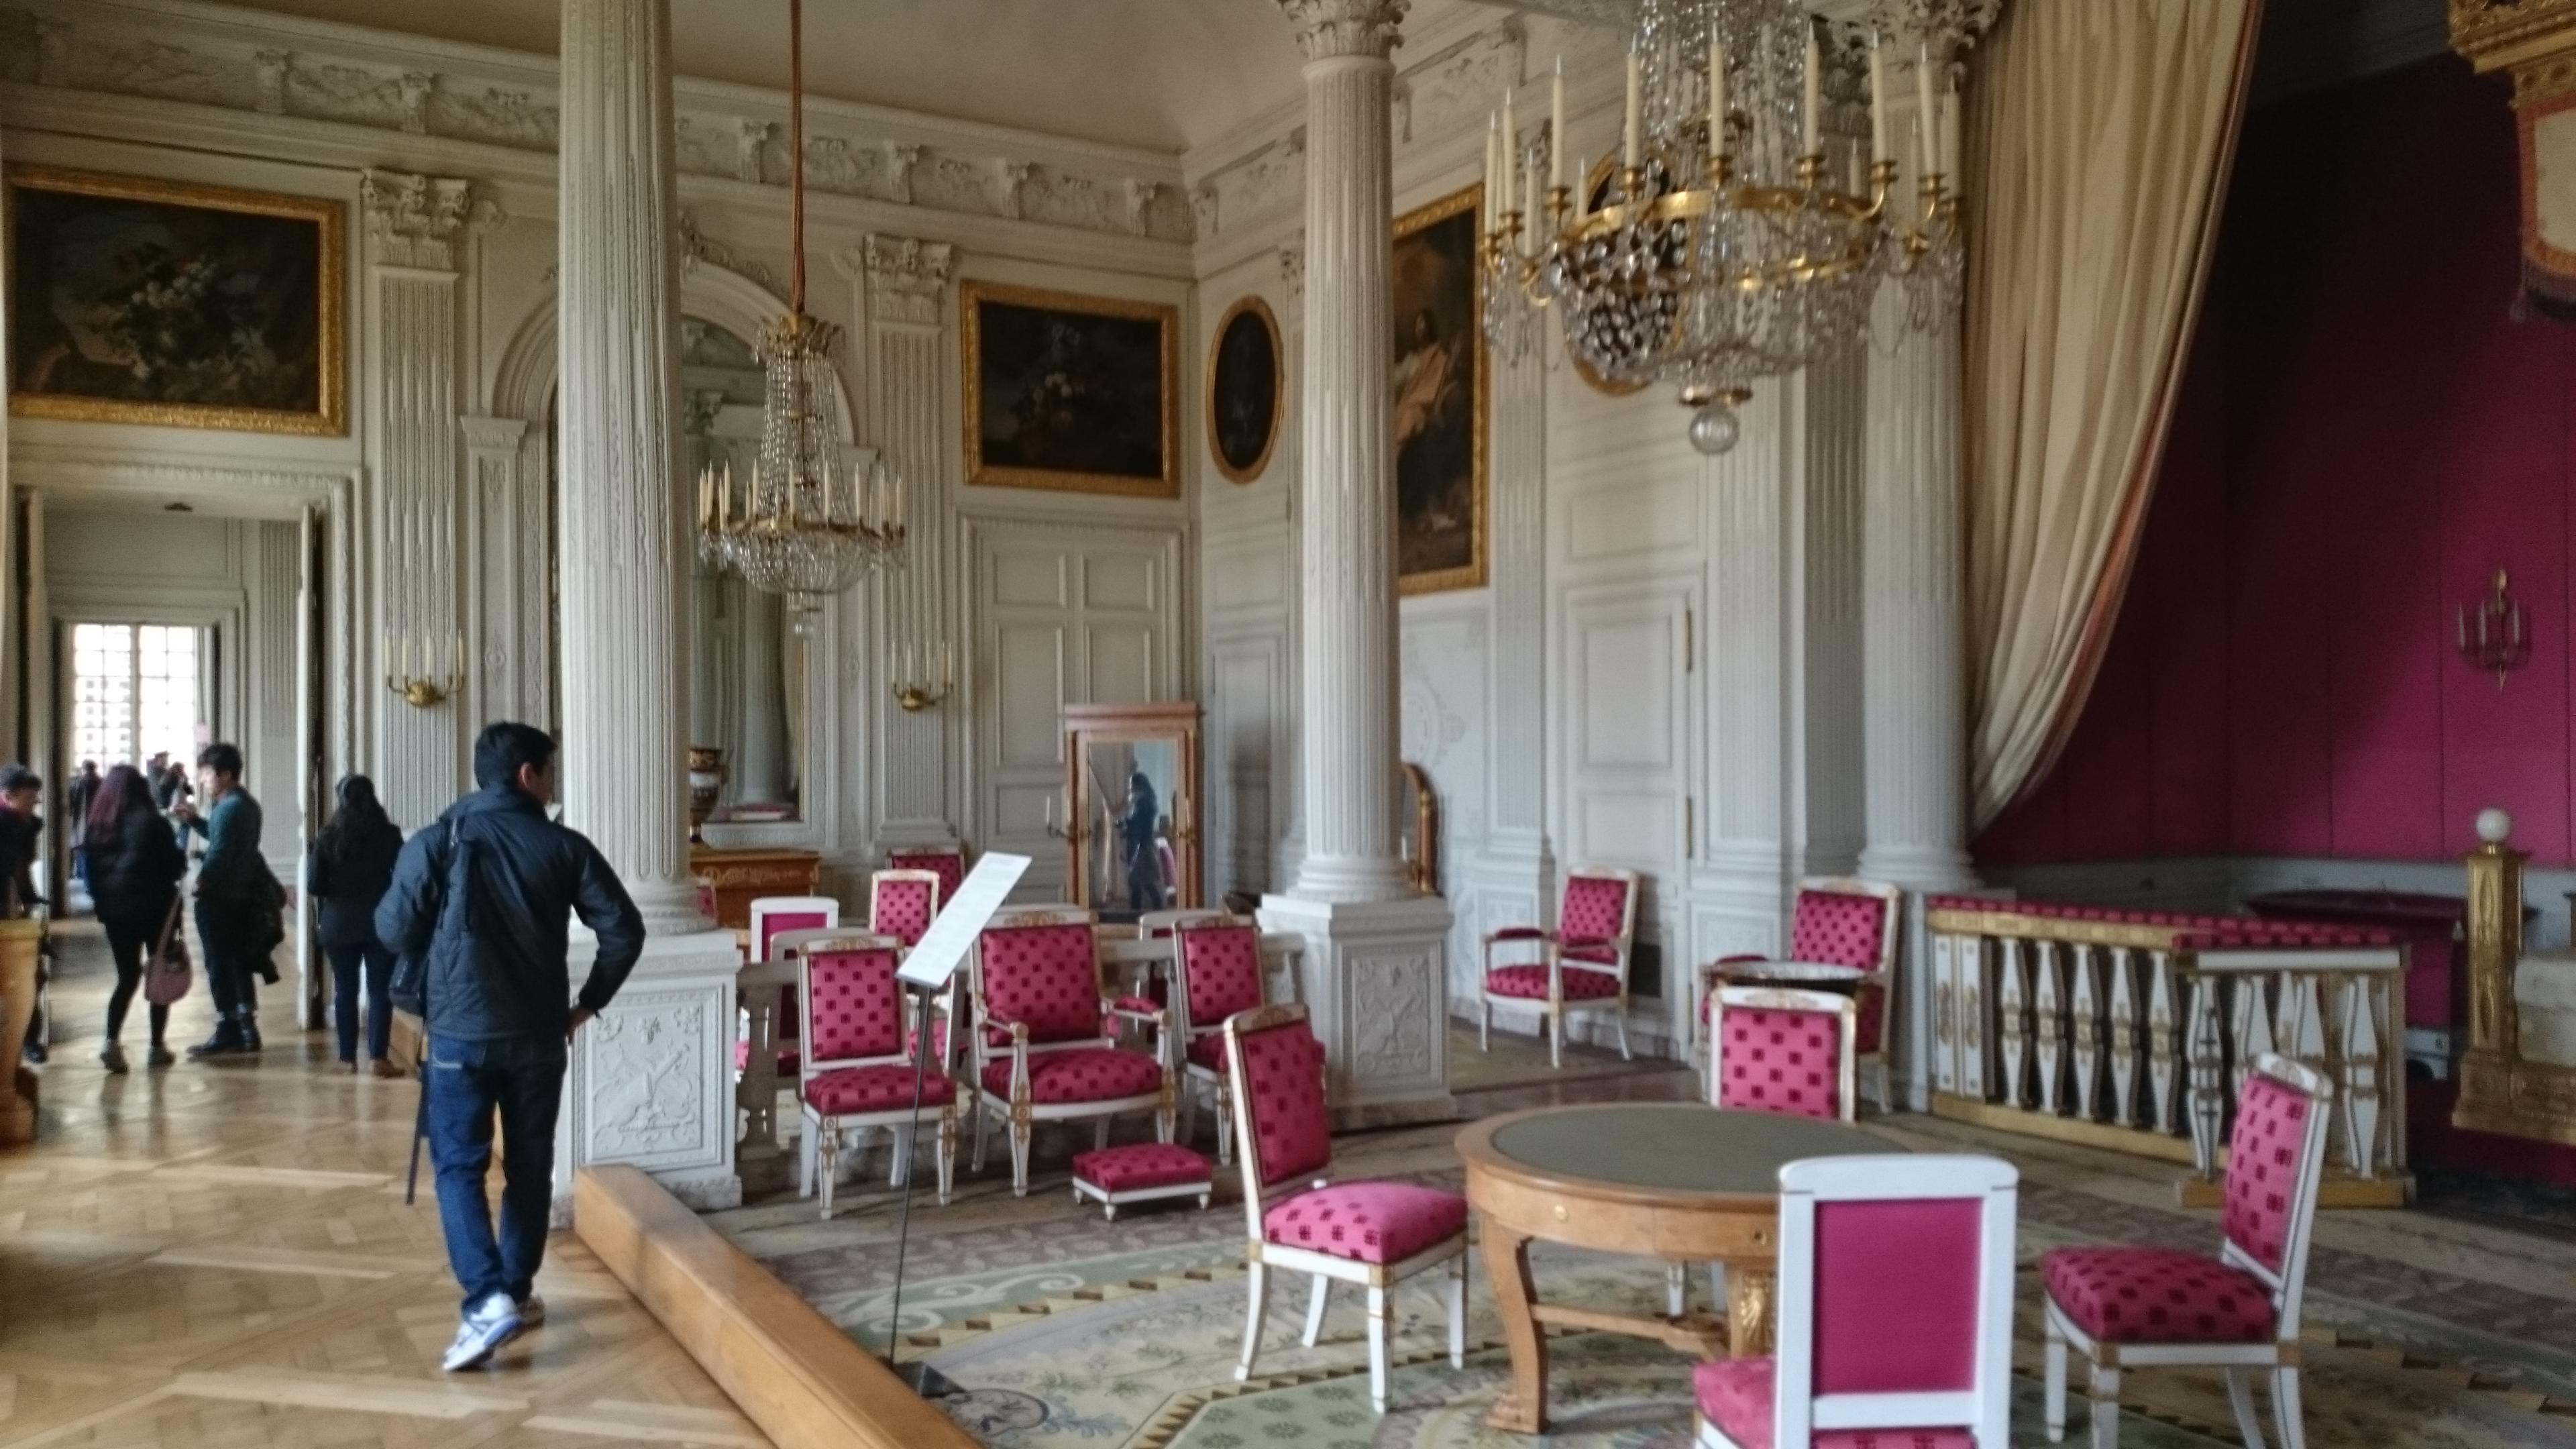 dsc 1201 - Visita al Palacio de Versalles: Como ir, cuanto cuesta y tips II/III